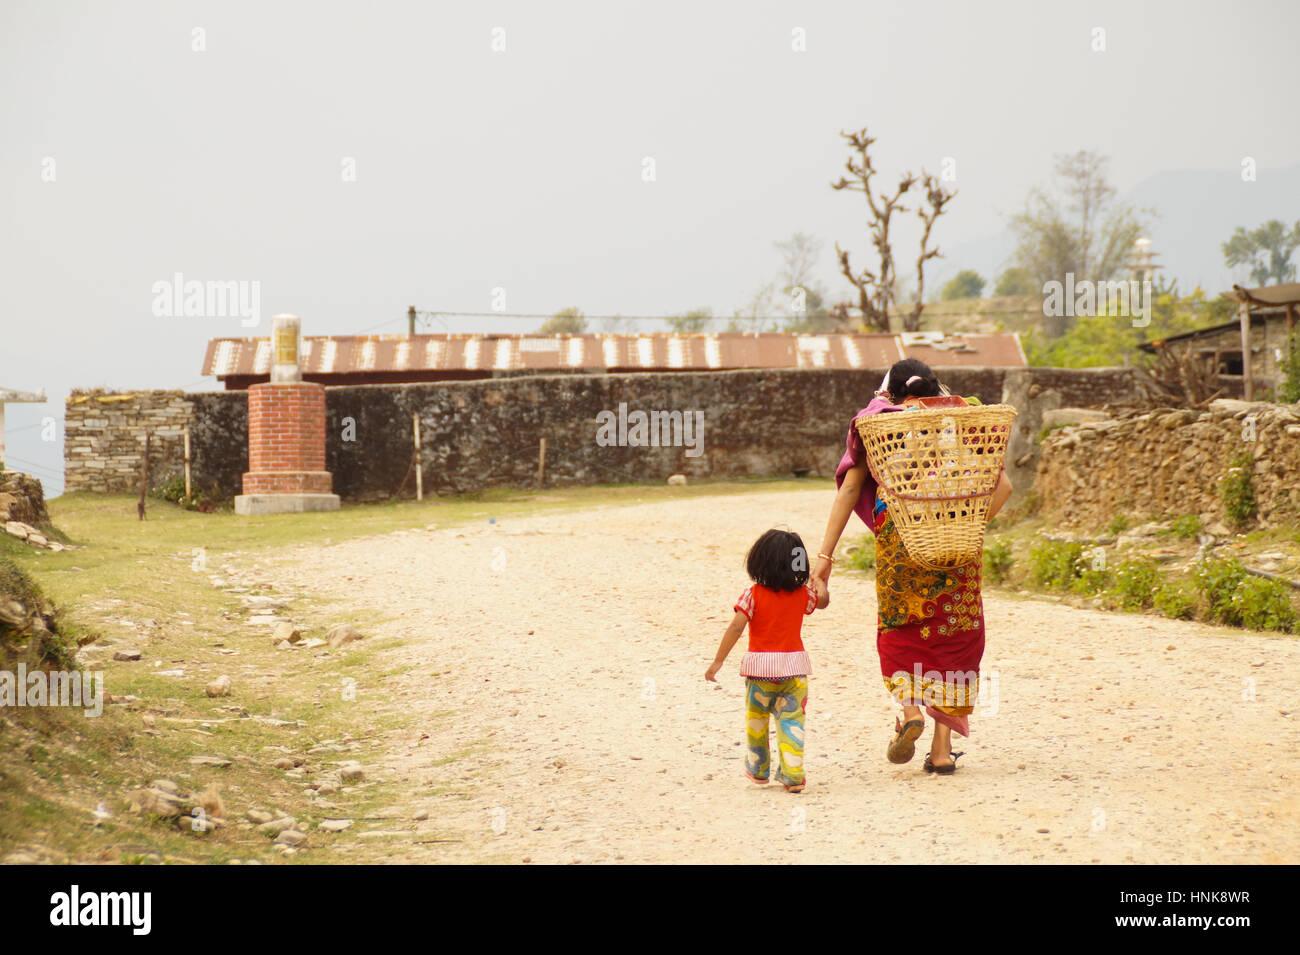 Persone in Nepal, terzo mondo Immagini Stock